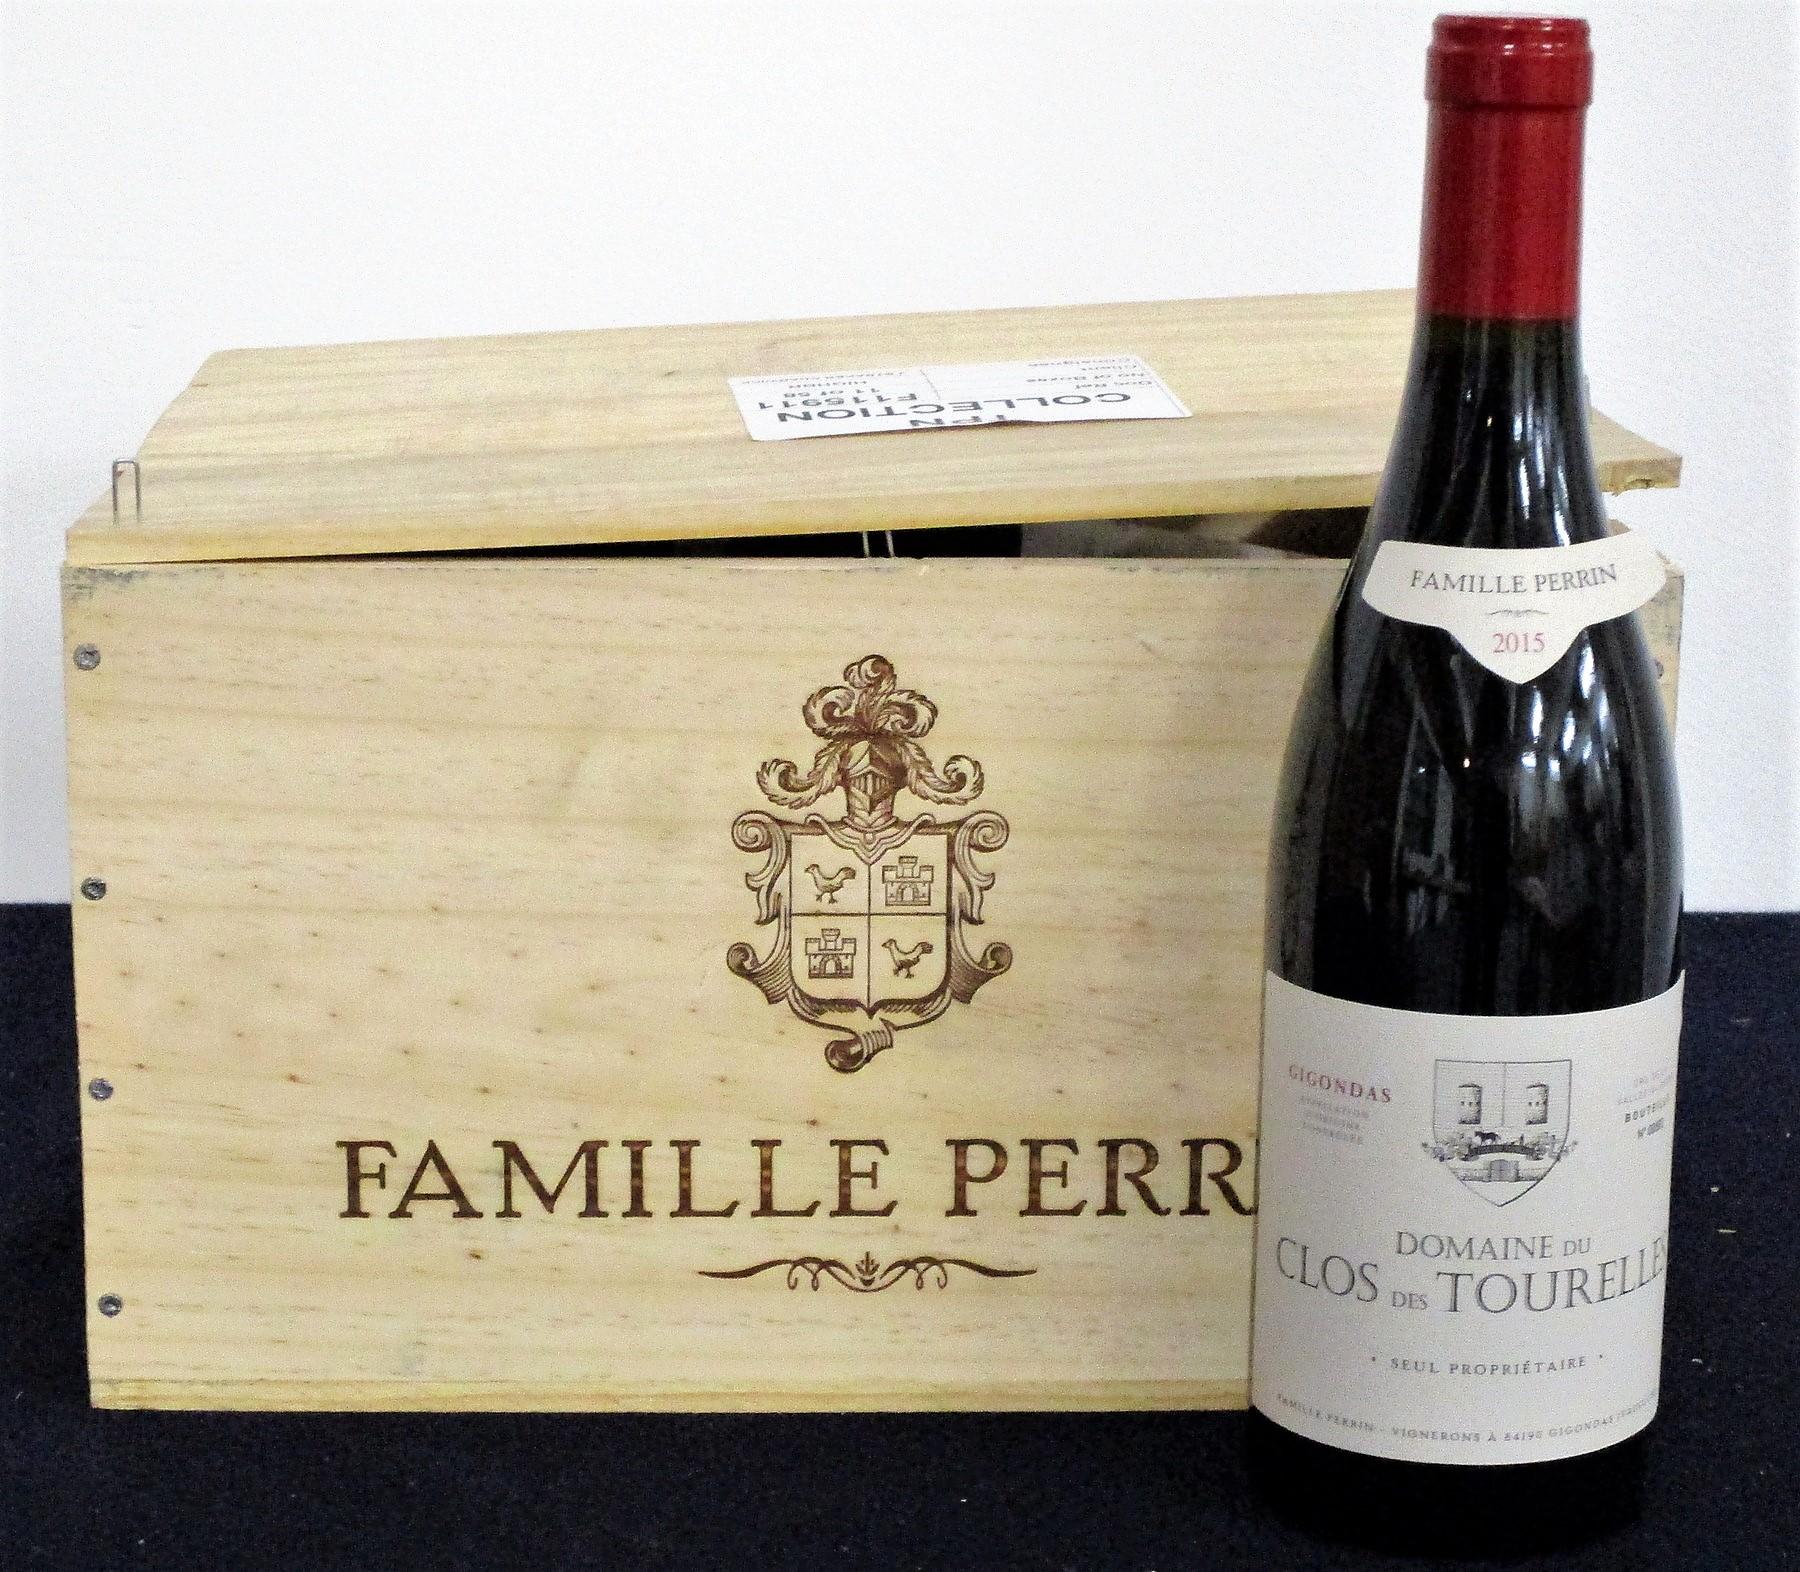 v 6 bts Gigondas Dom du Clos des Tourelles 2015 owc Famille Perrin 1 loose vintage label